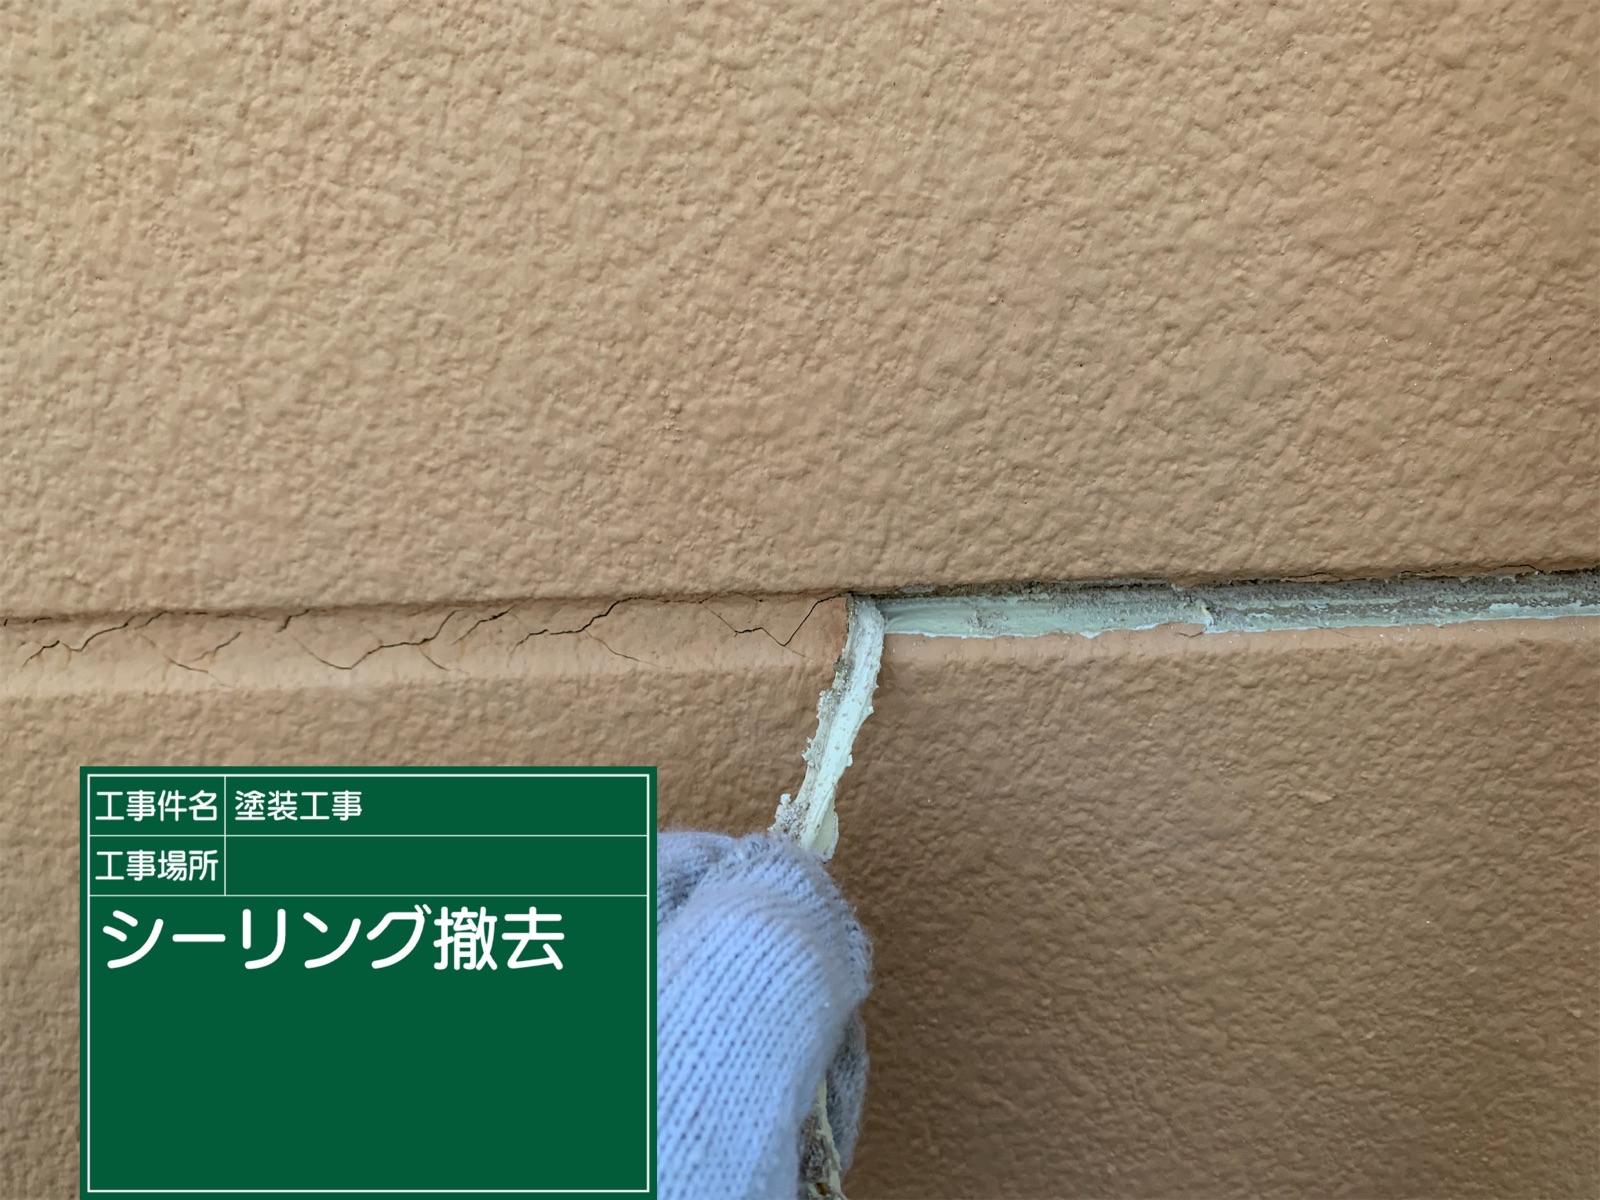 シーリング撤去中(2)300016